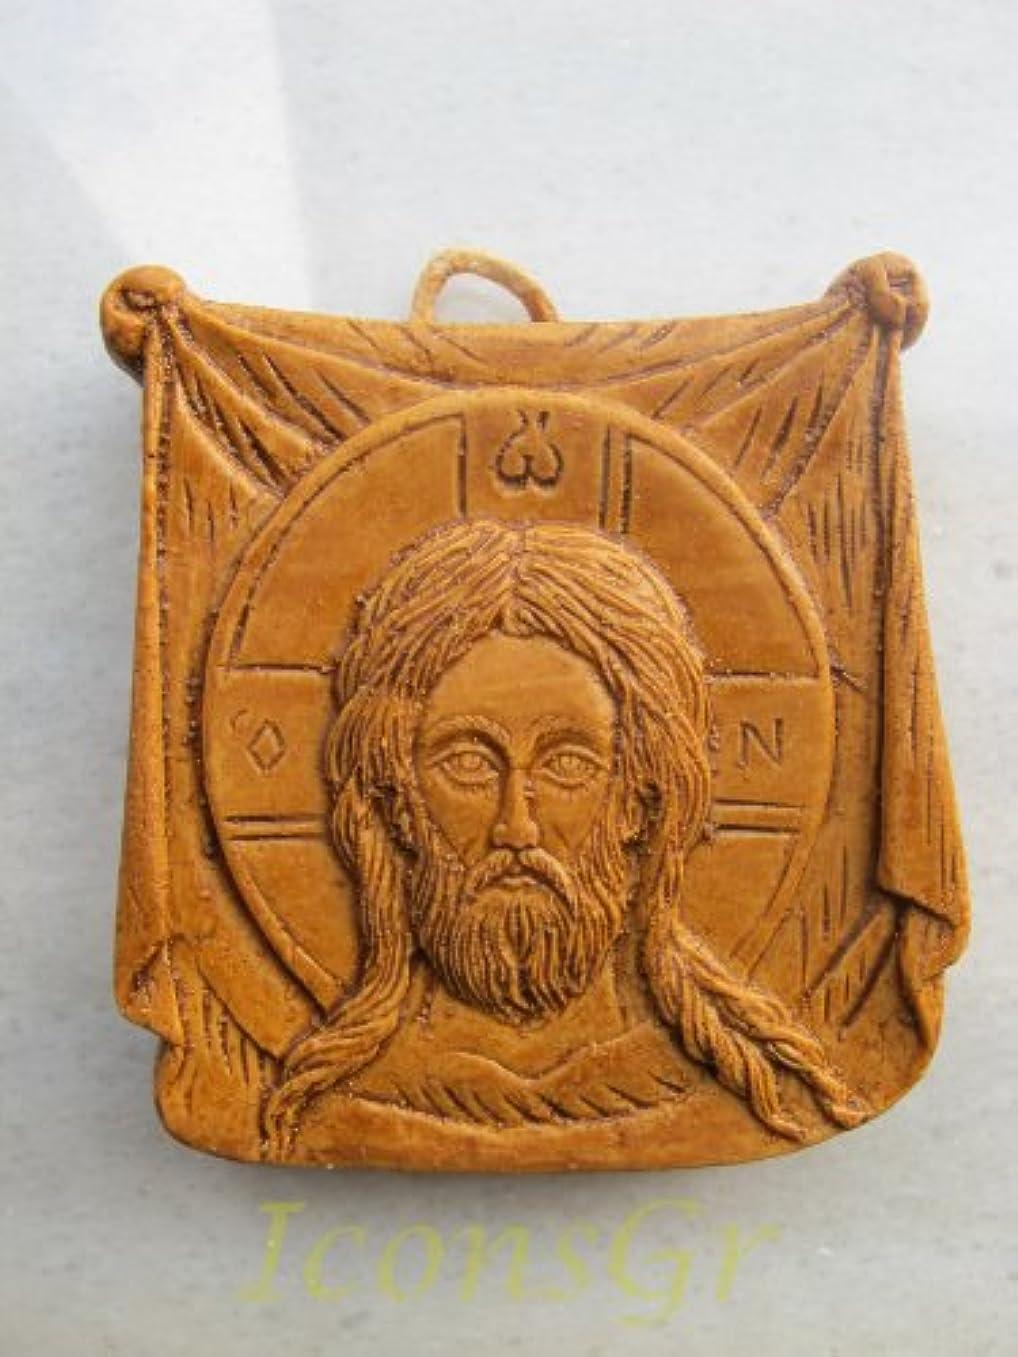 観客窓を洗う主権者Handmade Carved Aromaticワックスから祝福アイコンアトスのマンディリオン123